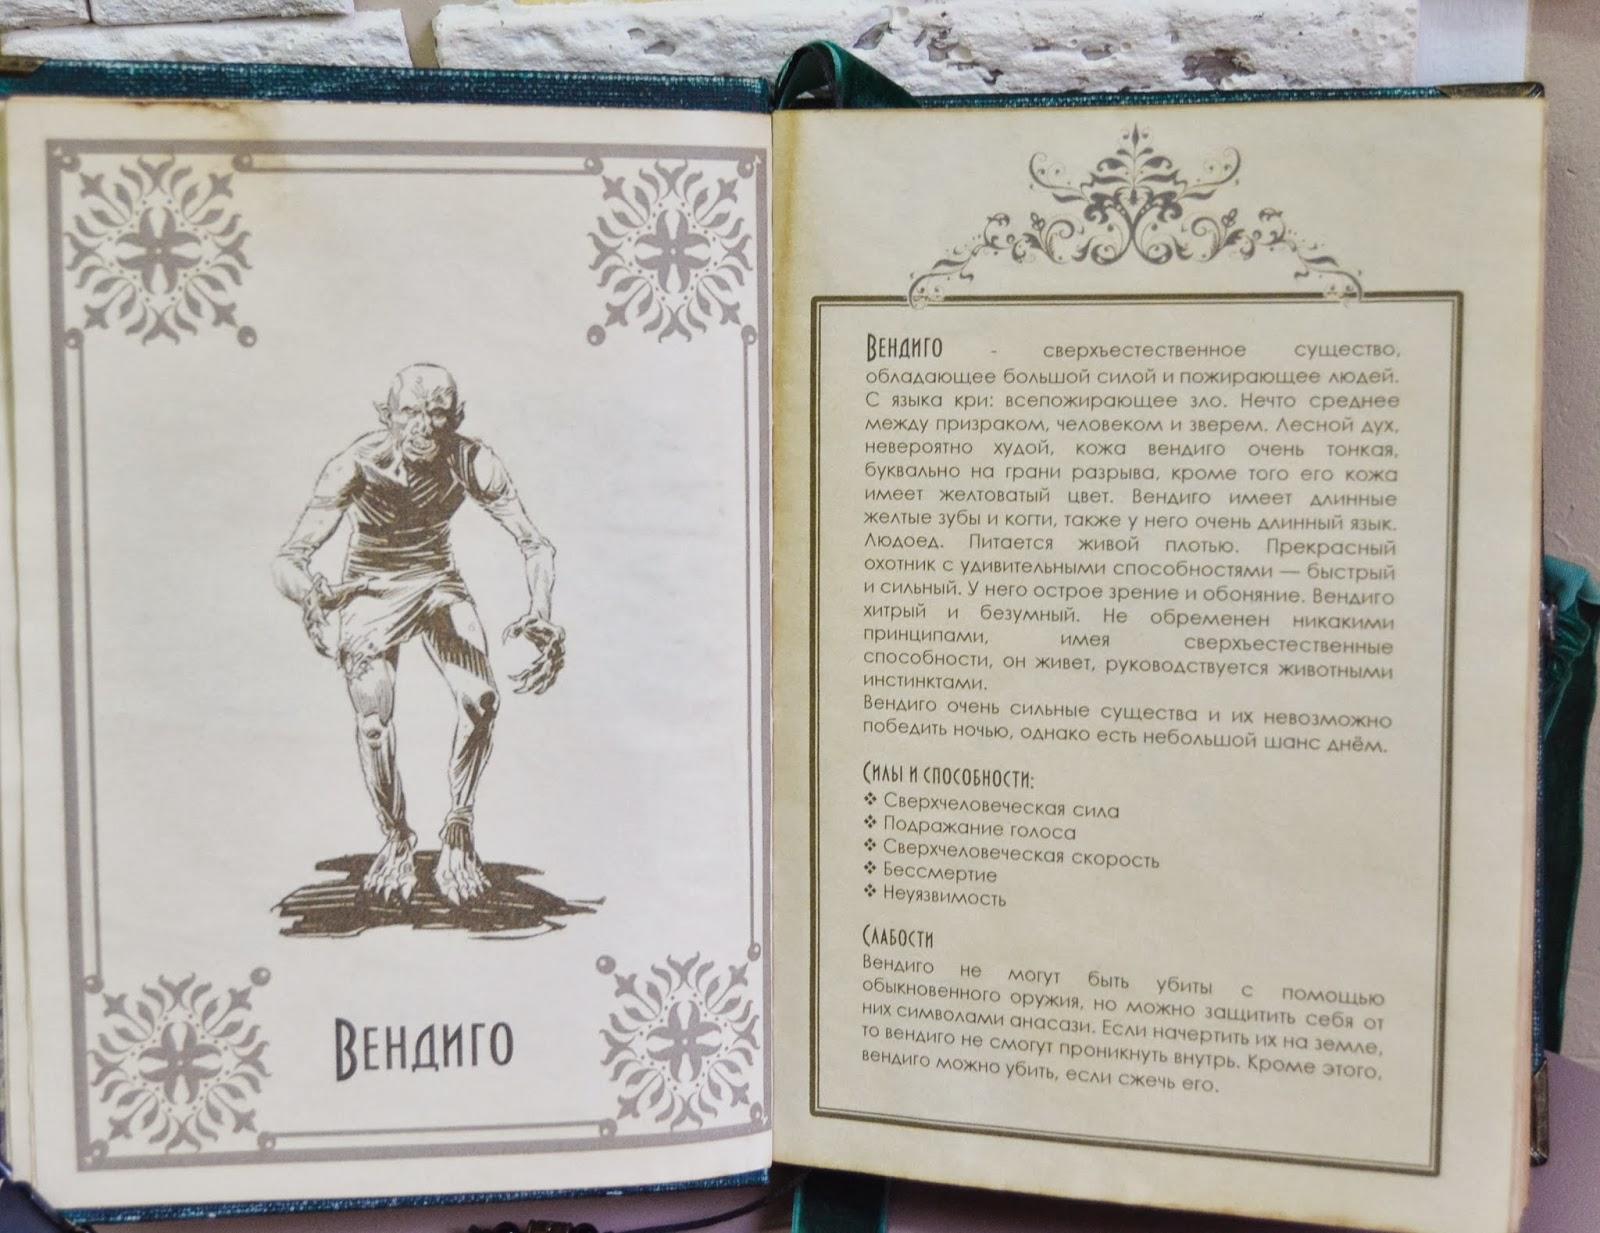 Дневник джона винчестера своими руками 38